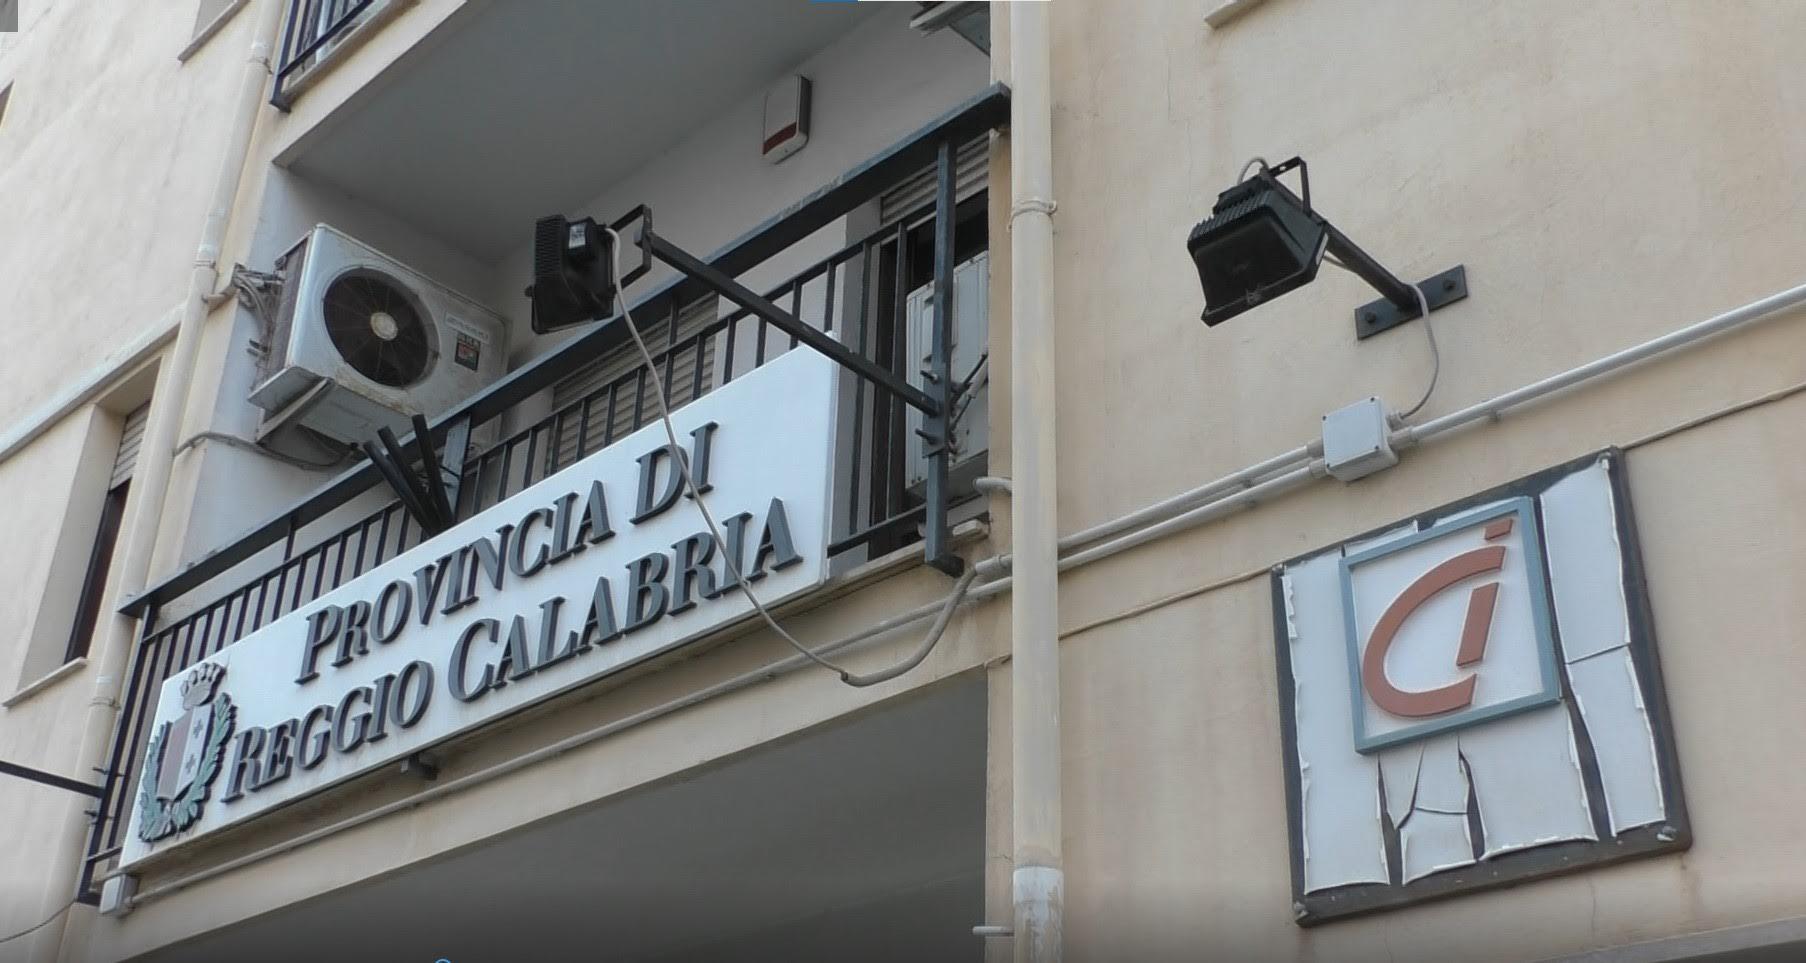 Reggio, centro per l'Impiego dall'1 luglio senza sede